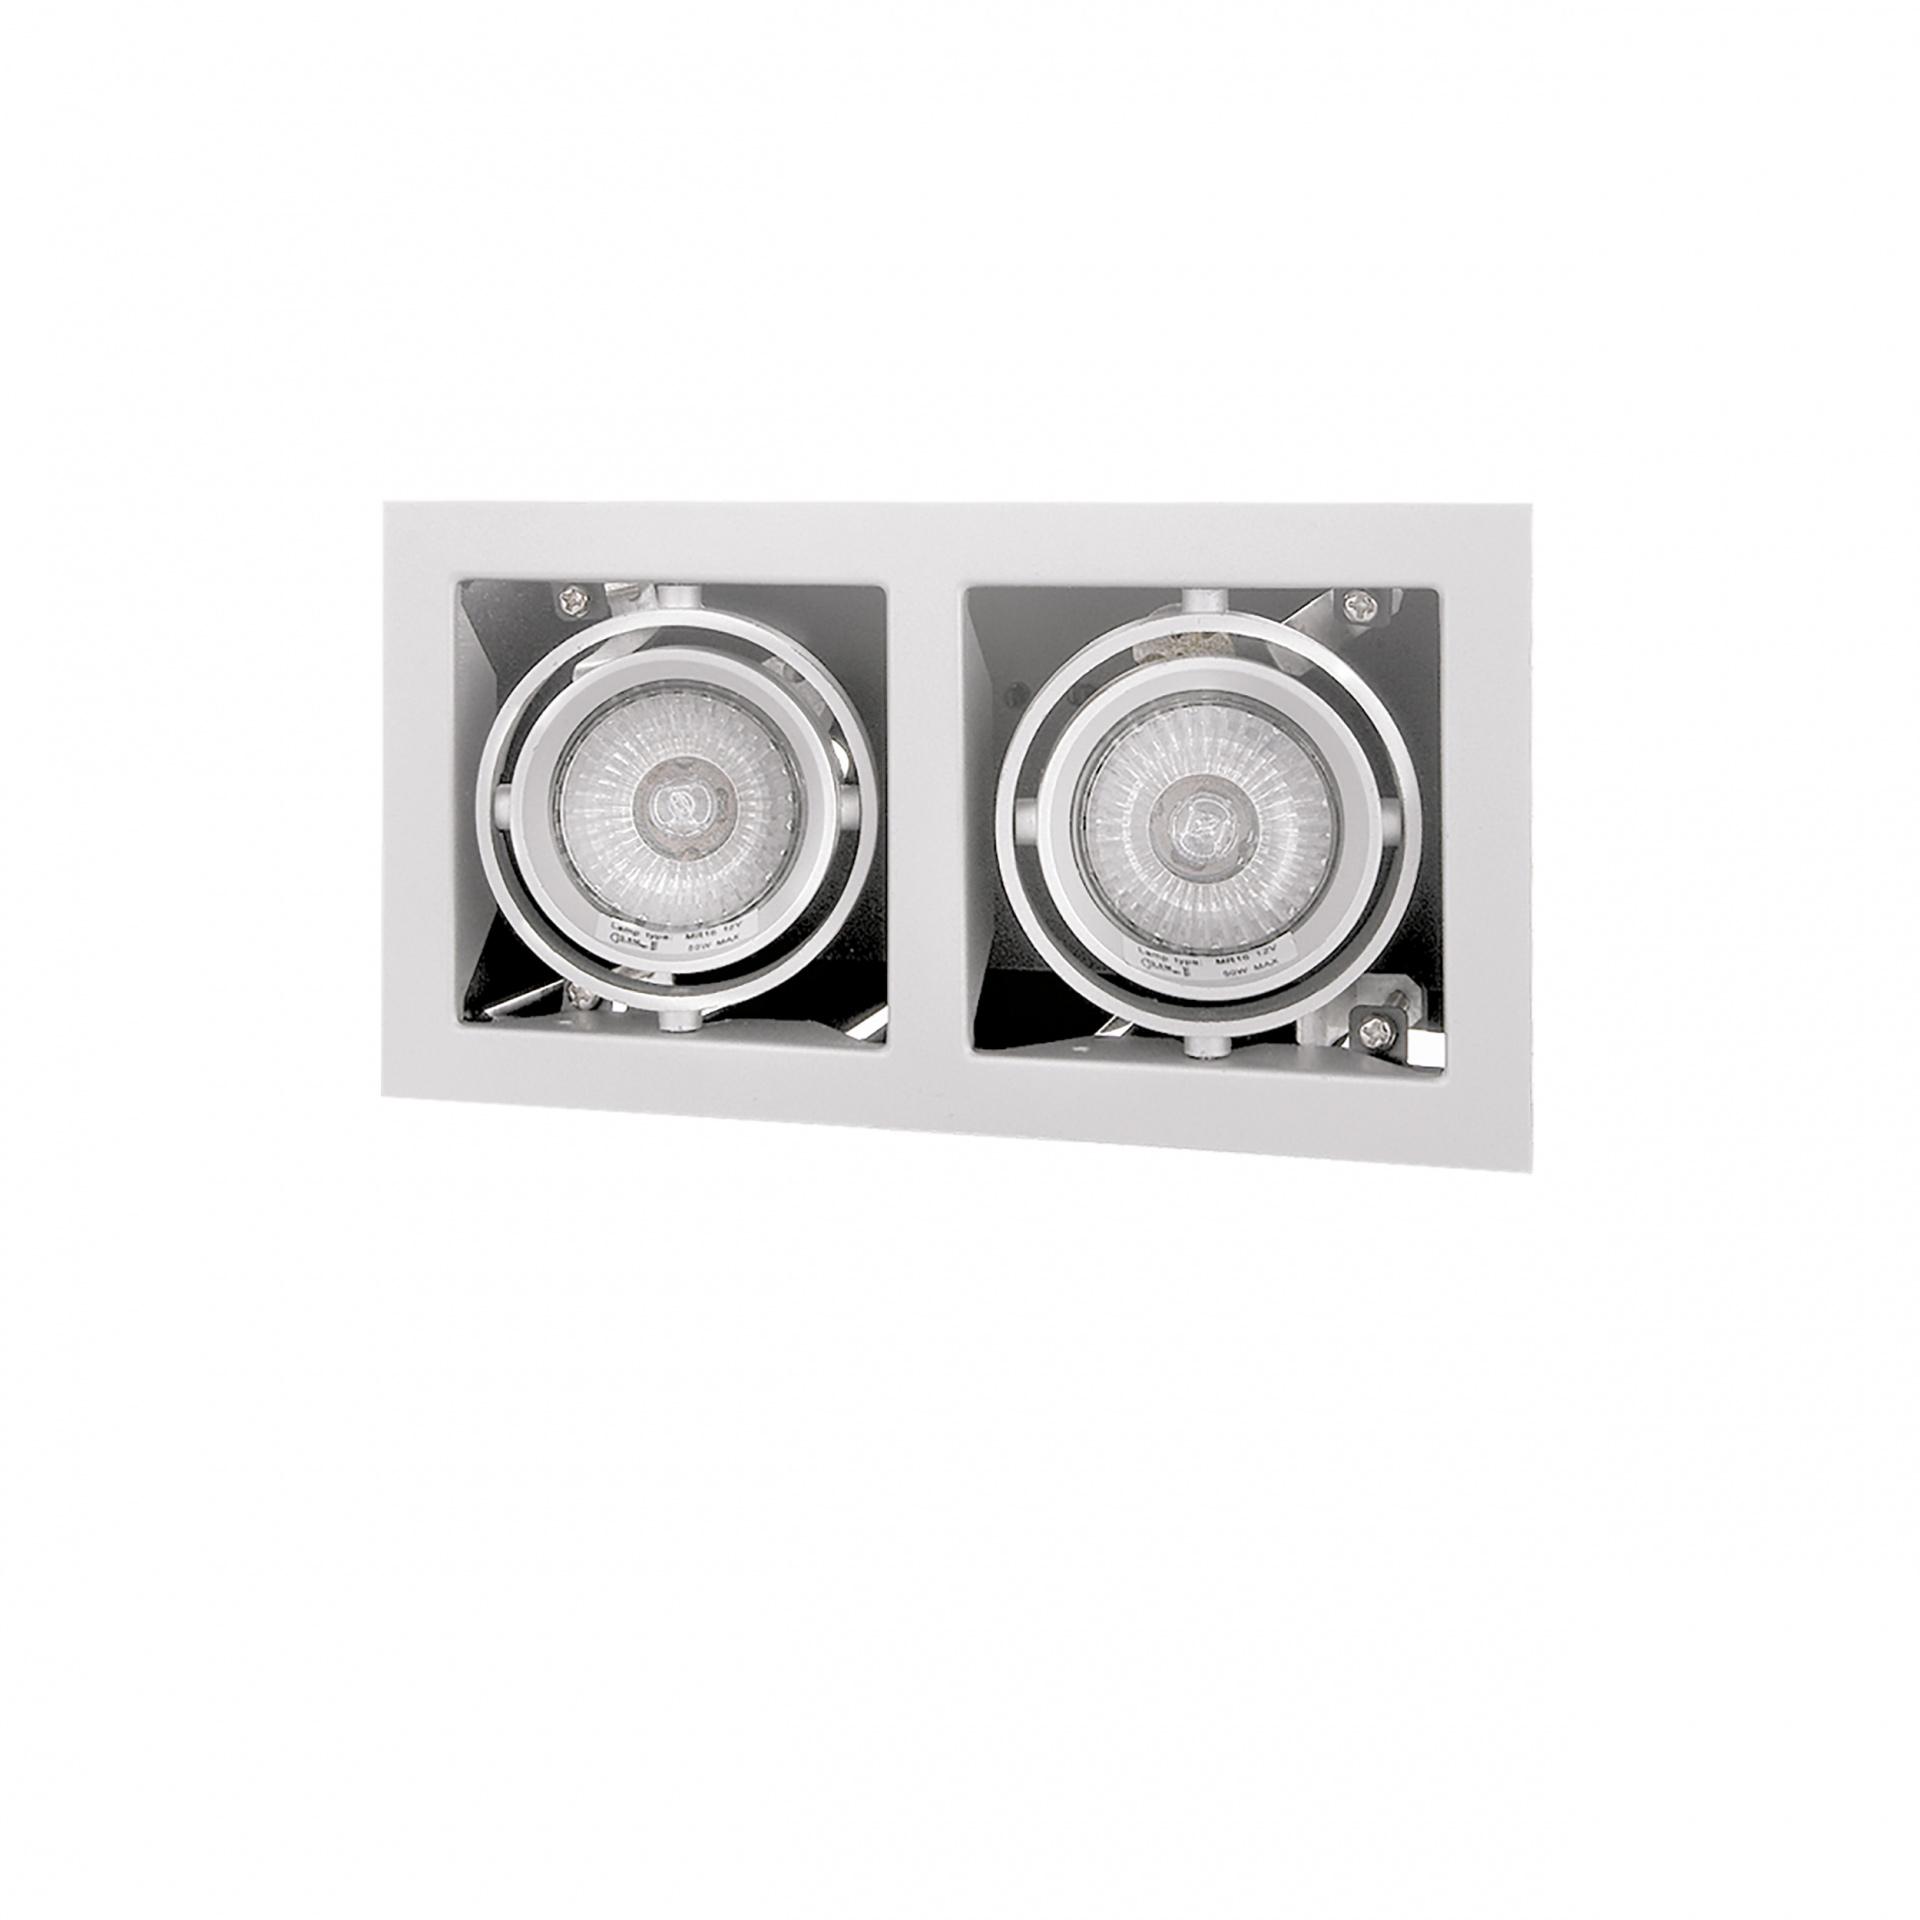 Светильник Cardano 16Х2 MR16 / HP16 белый Lightstar 214020, купить в СПб, Москве, с доставкой, Санкт-Петербург, интернет-магазин люстр и светильников Starlight, фото в жизни